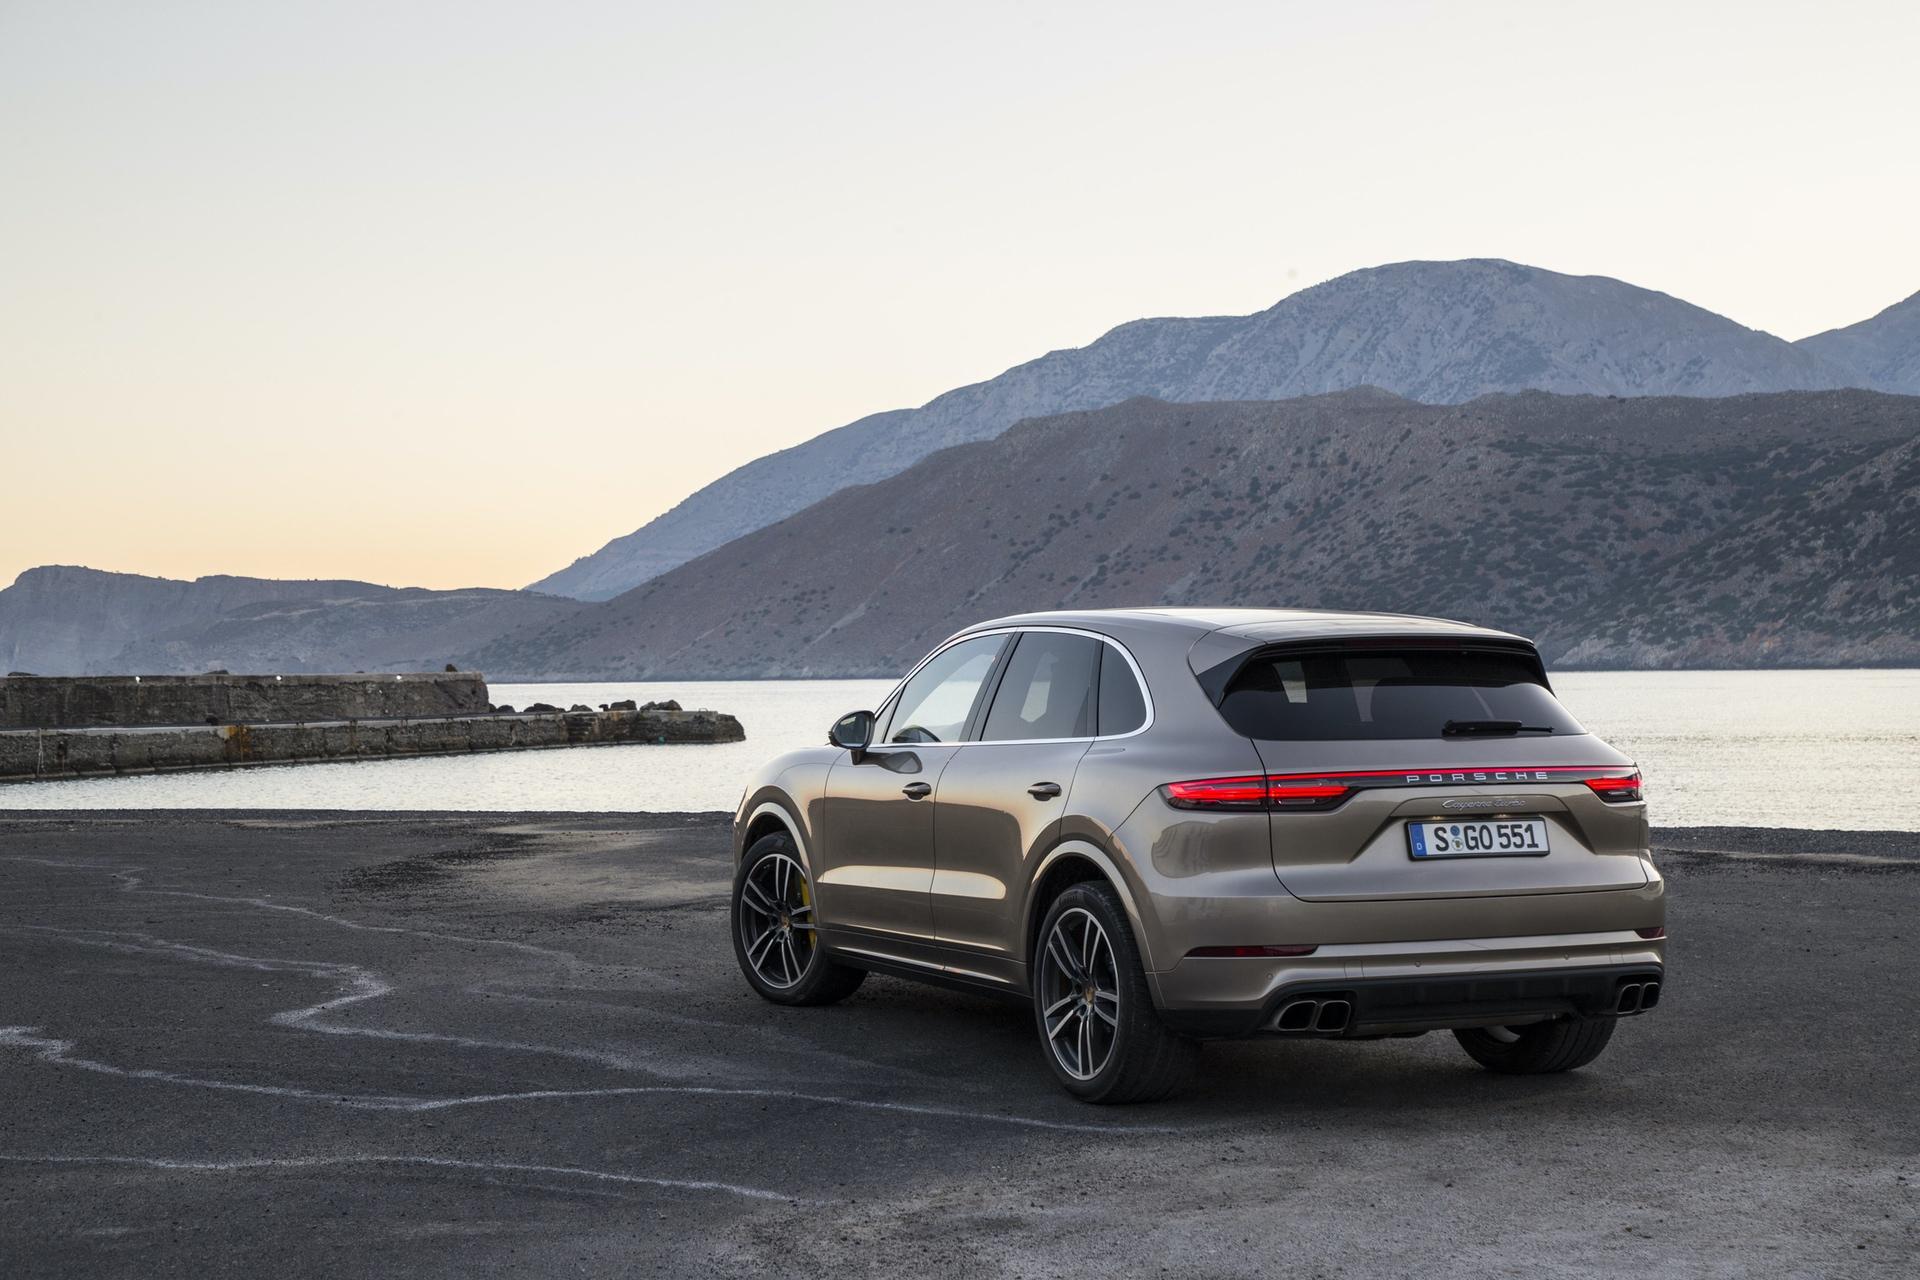 Test_Drive_Porsche_Cayenne_97